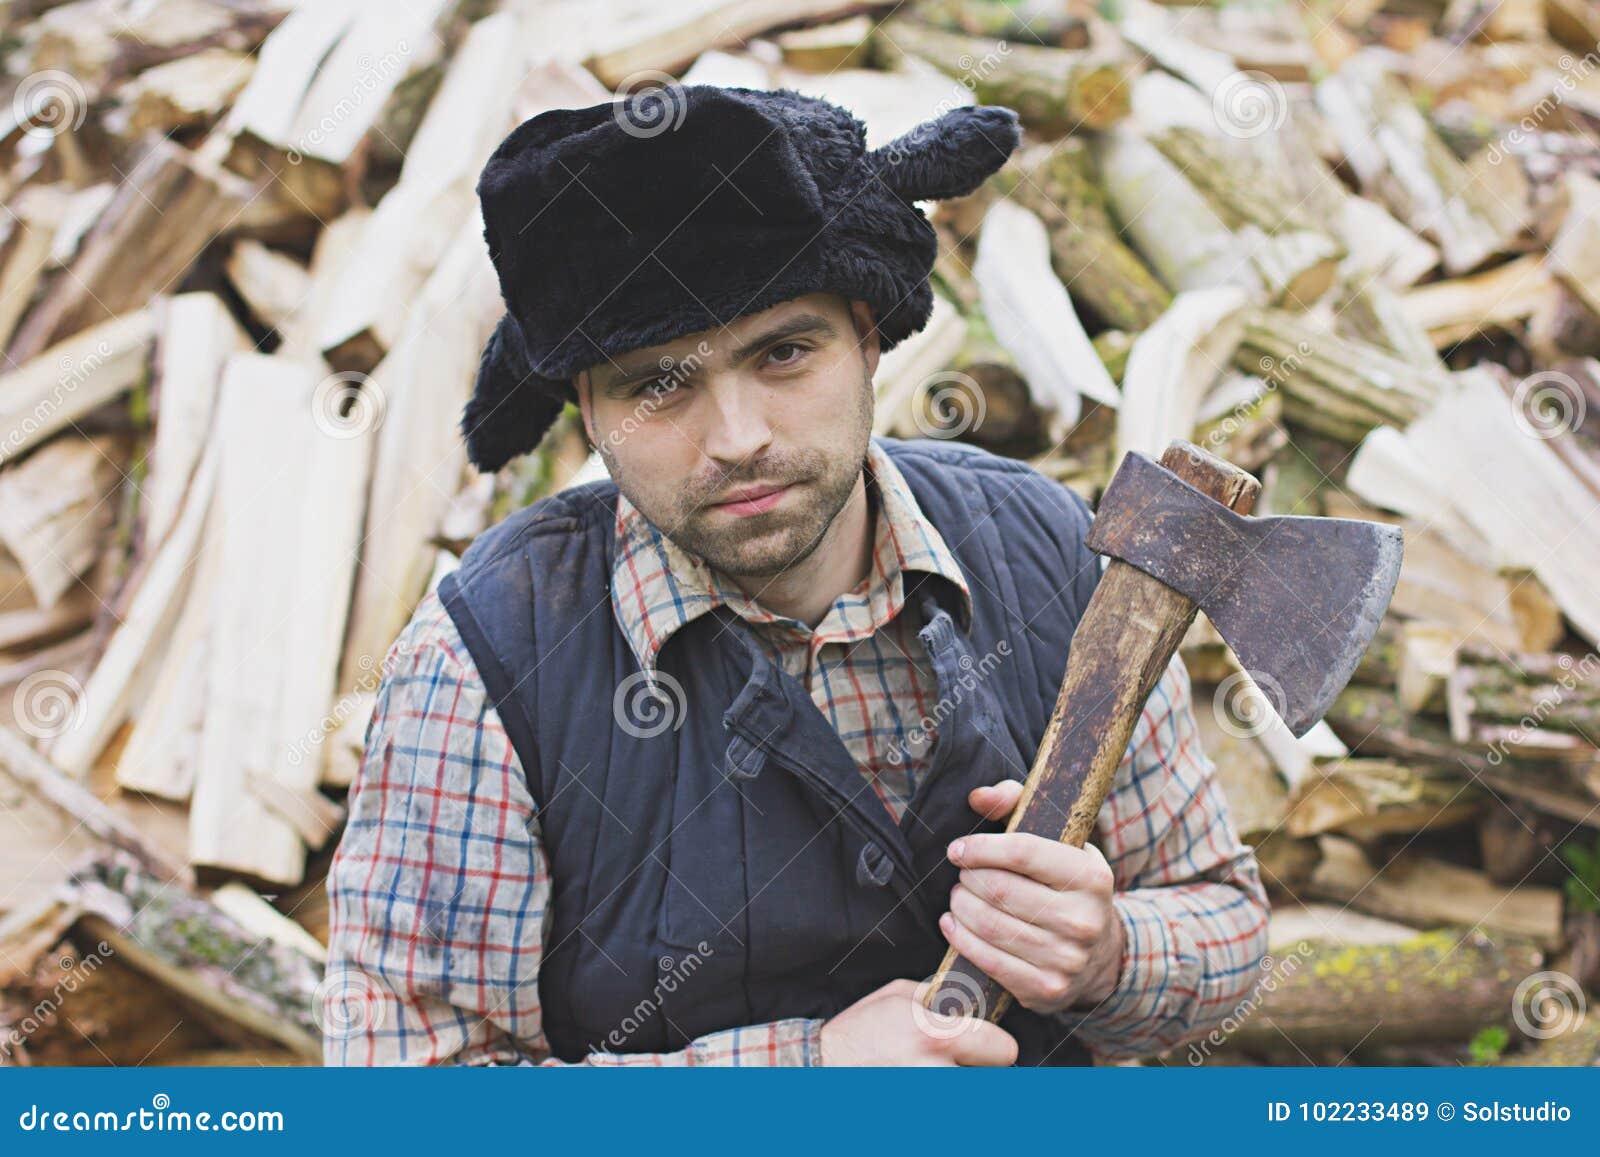 Leñador en el sombrero imagen de archivo. Imagen de sombrero - 102233489 a9665c11a92